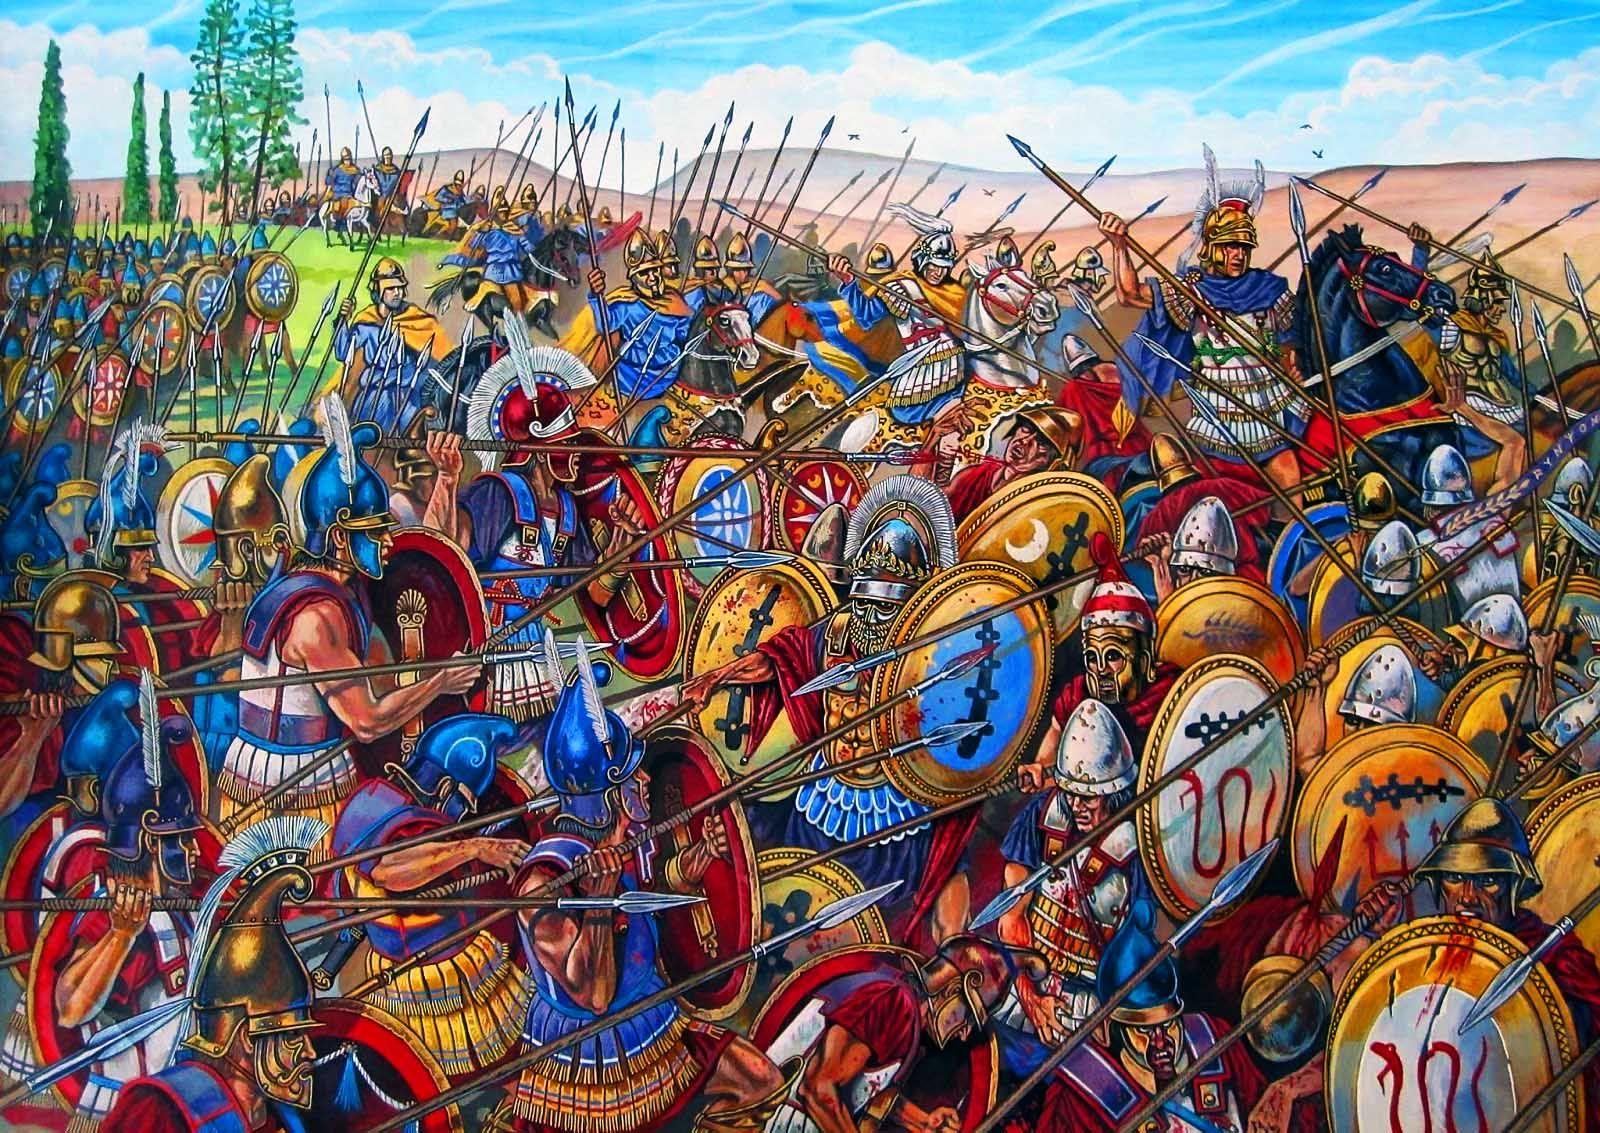 Alessandro Magno attacca Tebe che dopo averlo creduto morto si oppose al potere Macedone